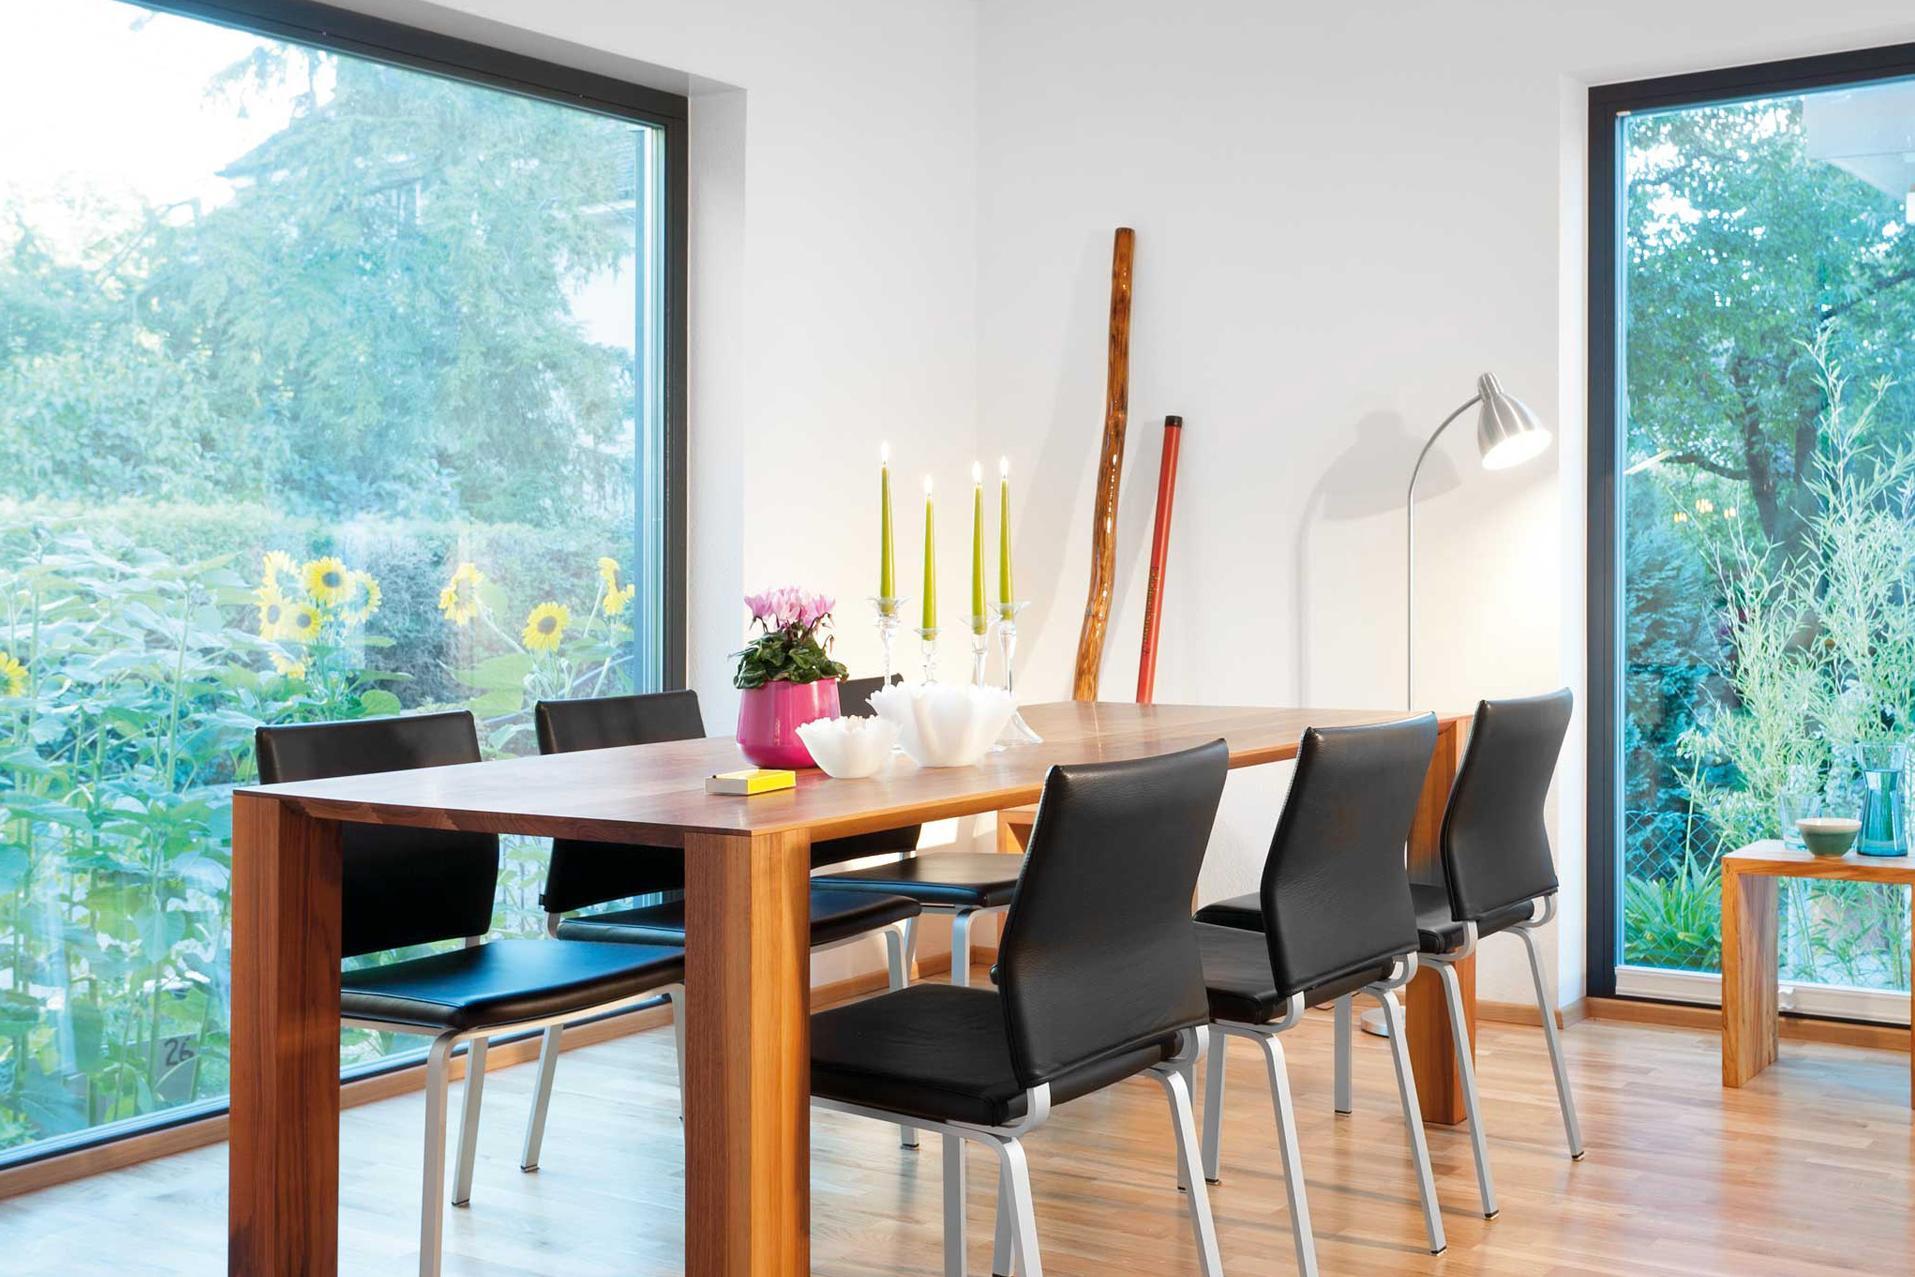 Plan F 10-042.3 - Ein Esstisch vor einem Fenster - Esszimmer